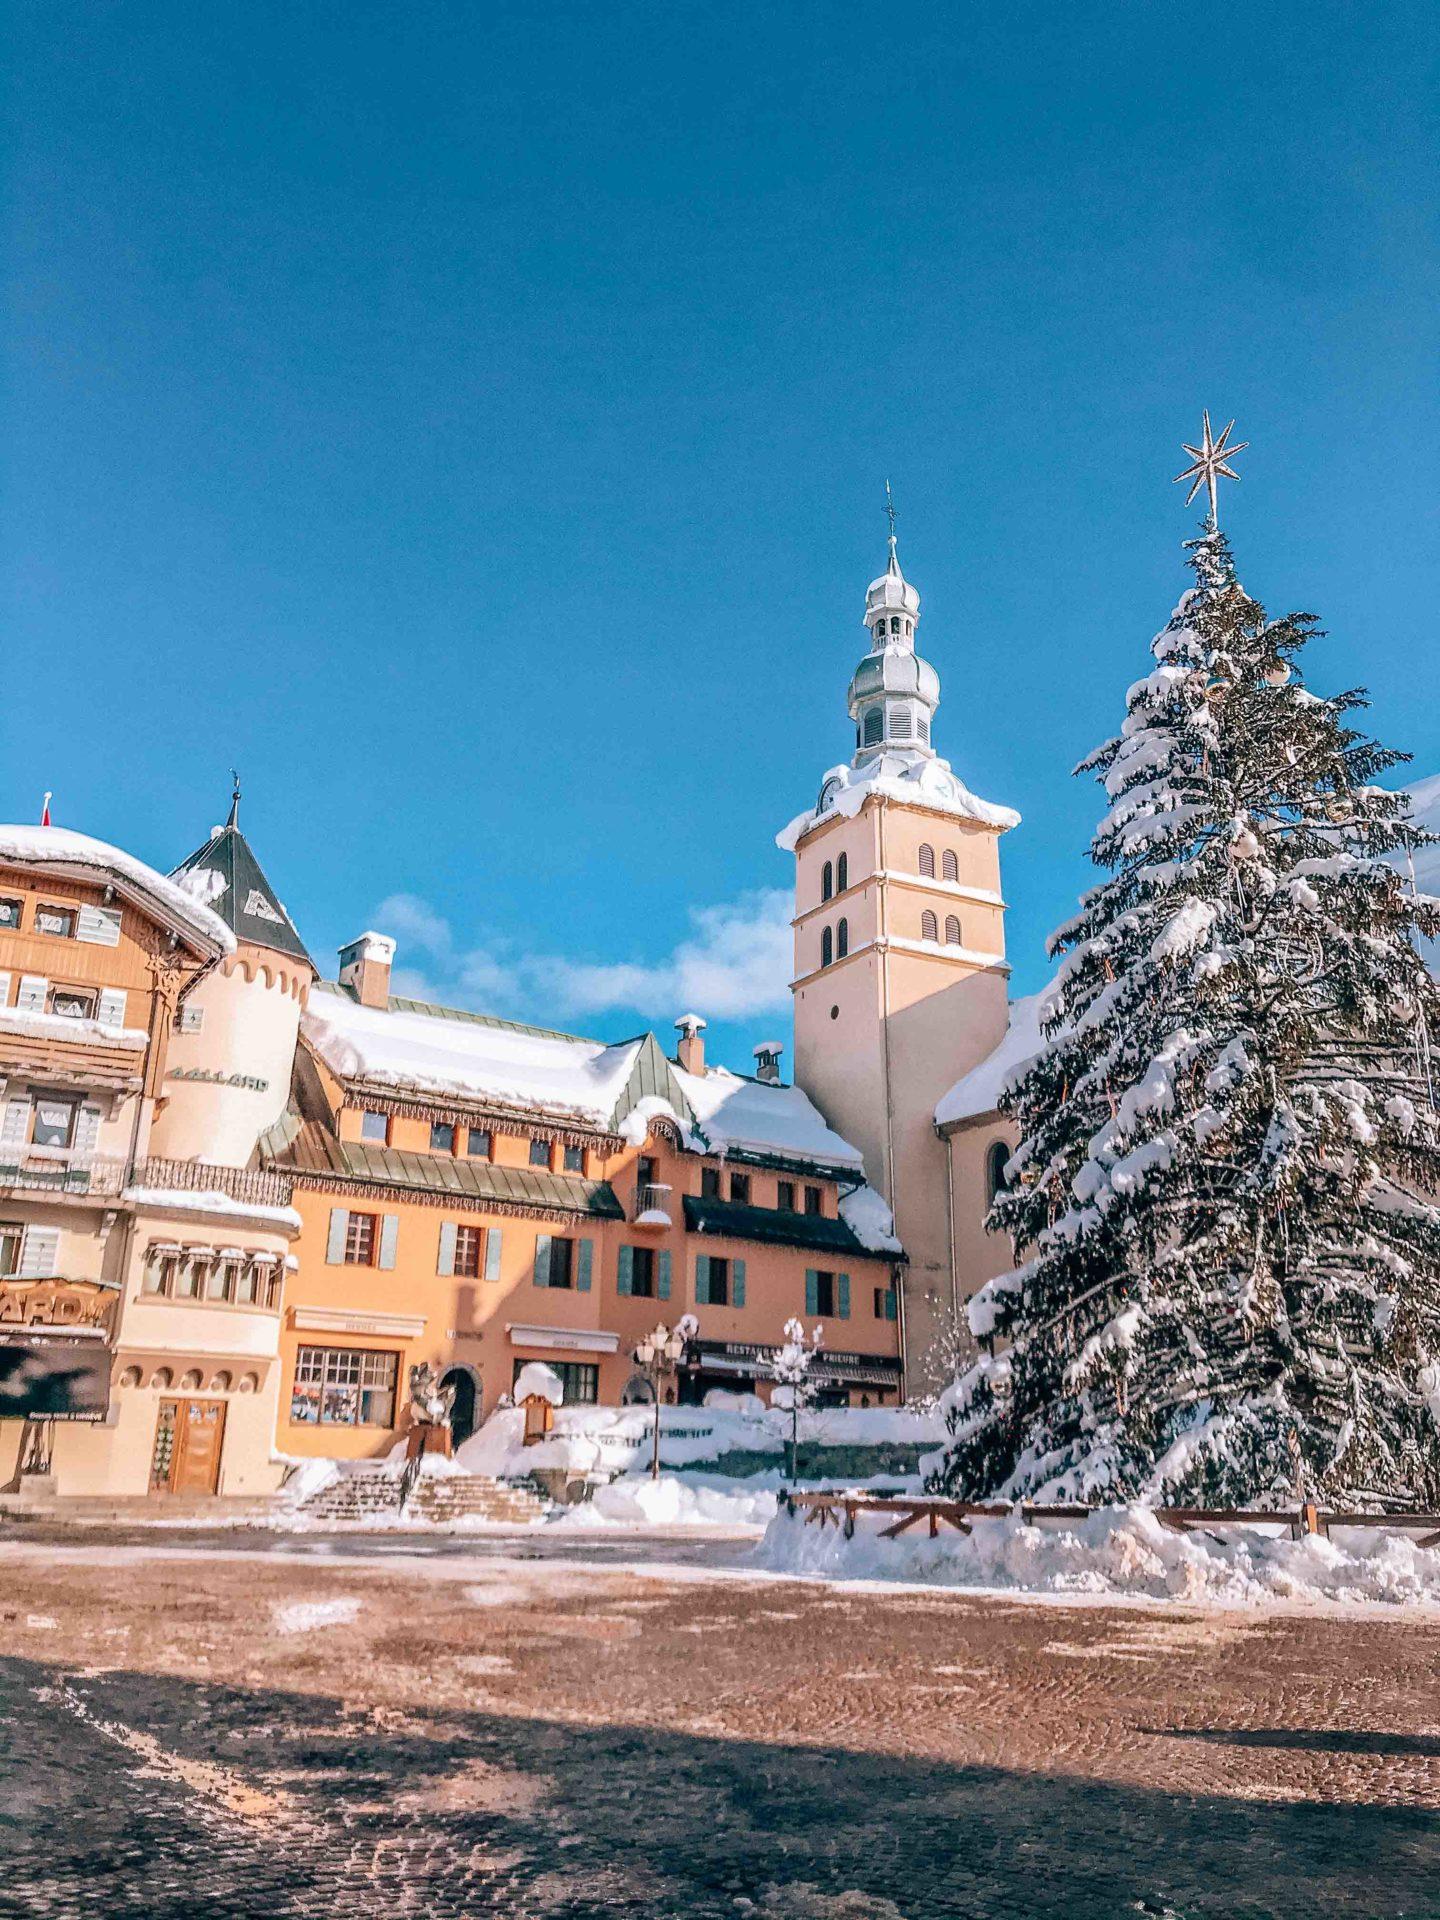 Megeve main square